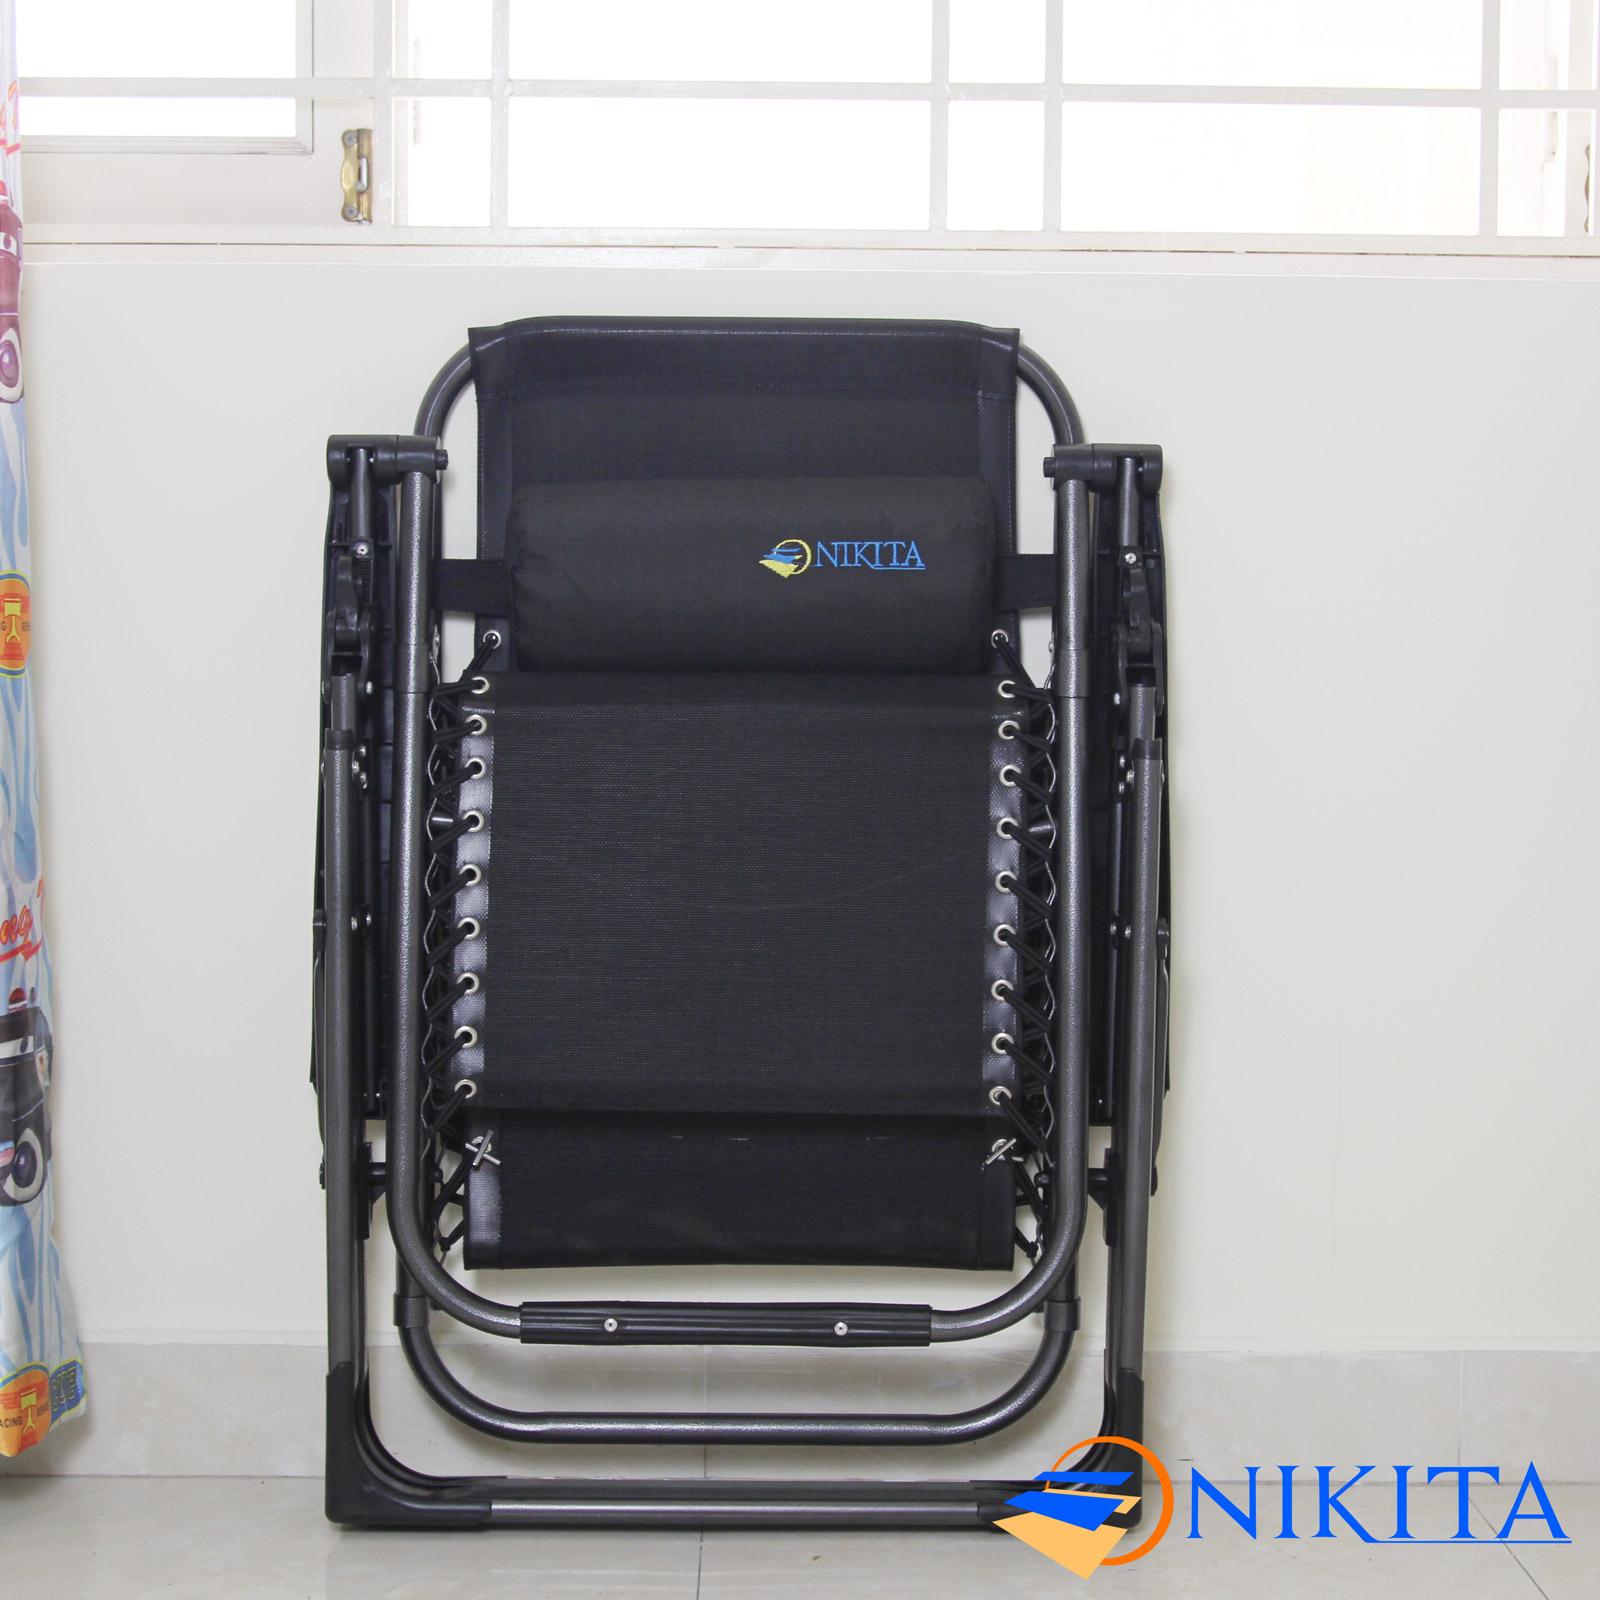 Ghế xếp thư giãn nikita-139